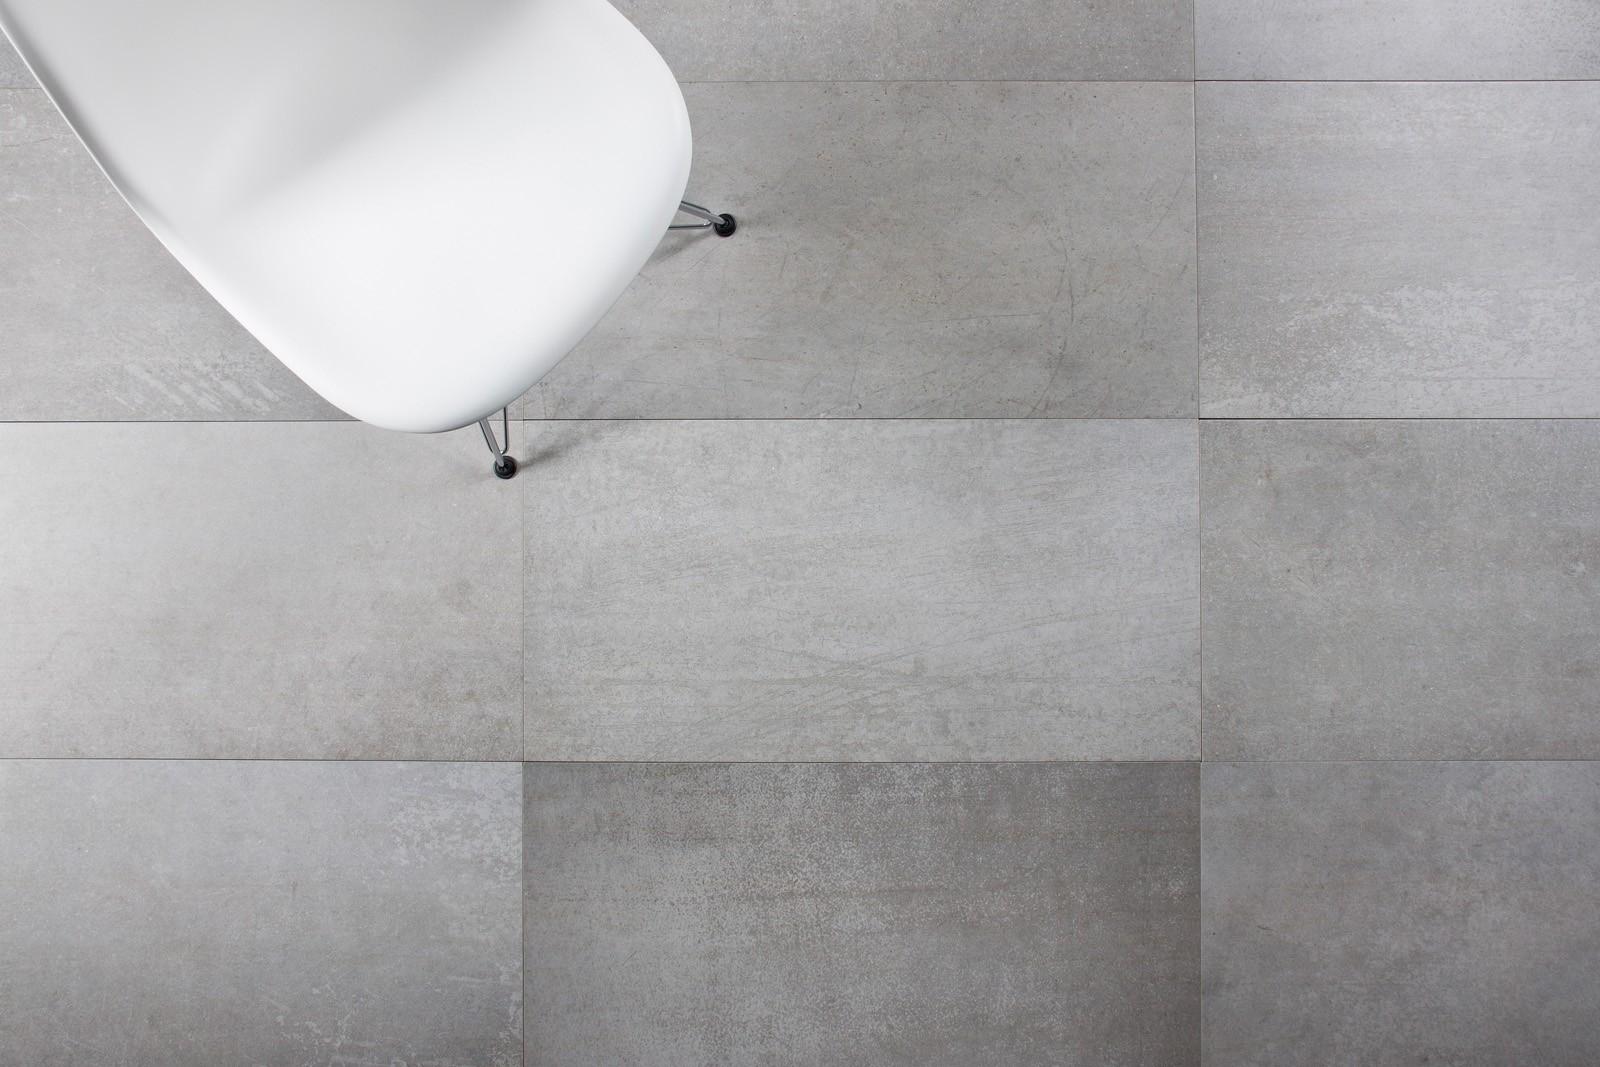 Sphinx Tegels Prijzen : Sphinx basilique quilt light grey 60 x 60 online kopen luxury floors